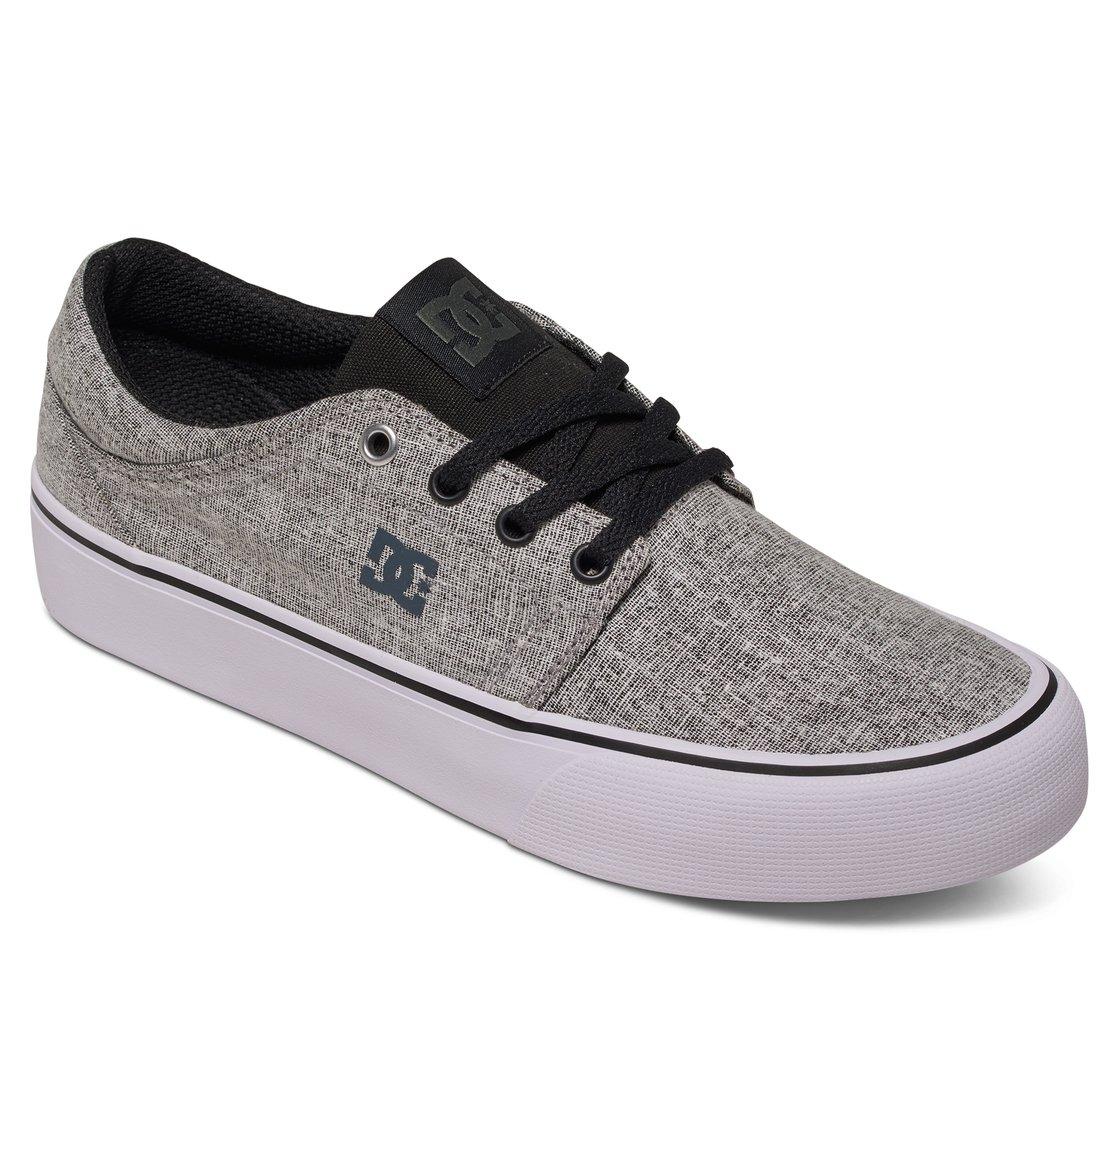 DC Shoes Trase Tx Se W Trainers Color Black  Women